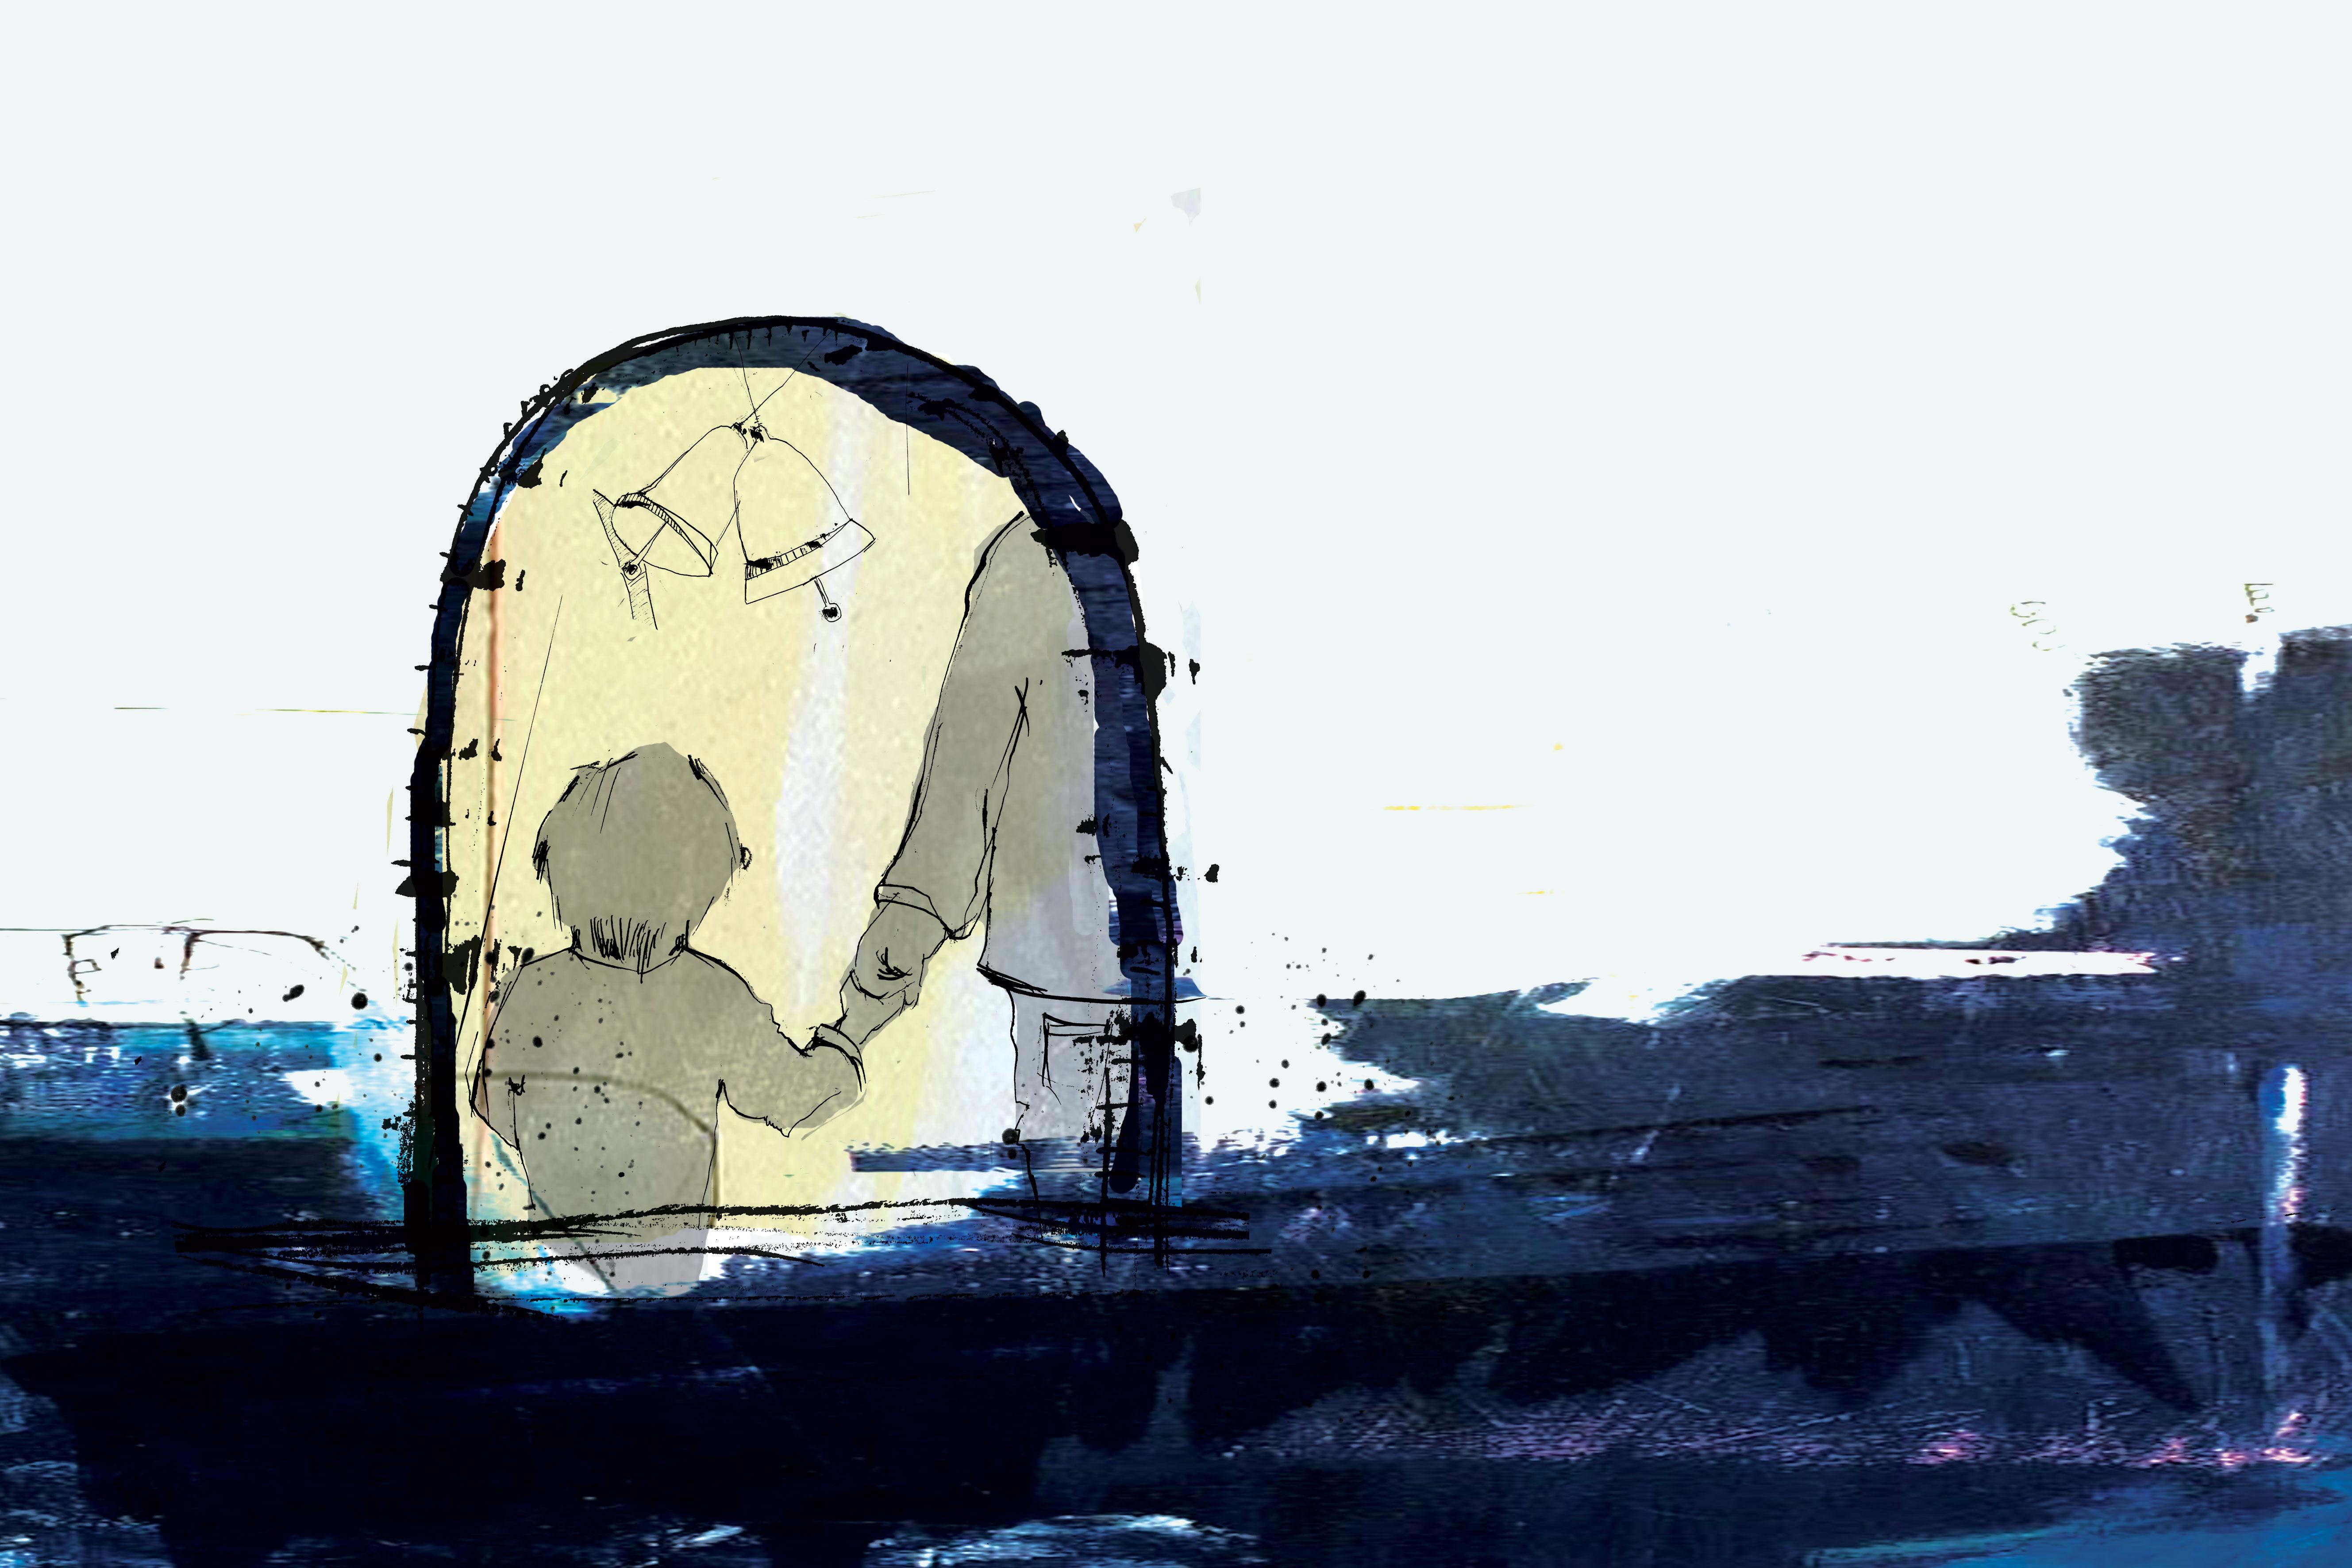 Hånden - en fortælling af Jens Peter Madsen med tegning af Tanja Eijgendaal